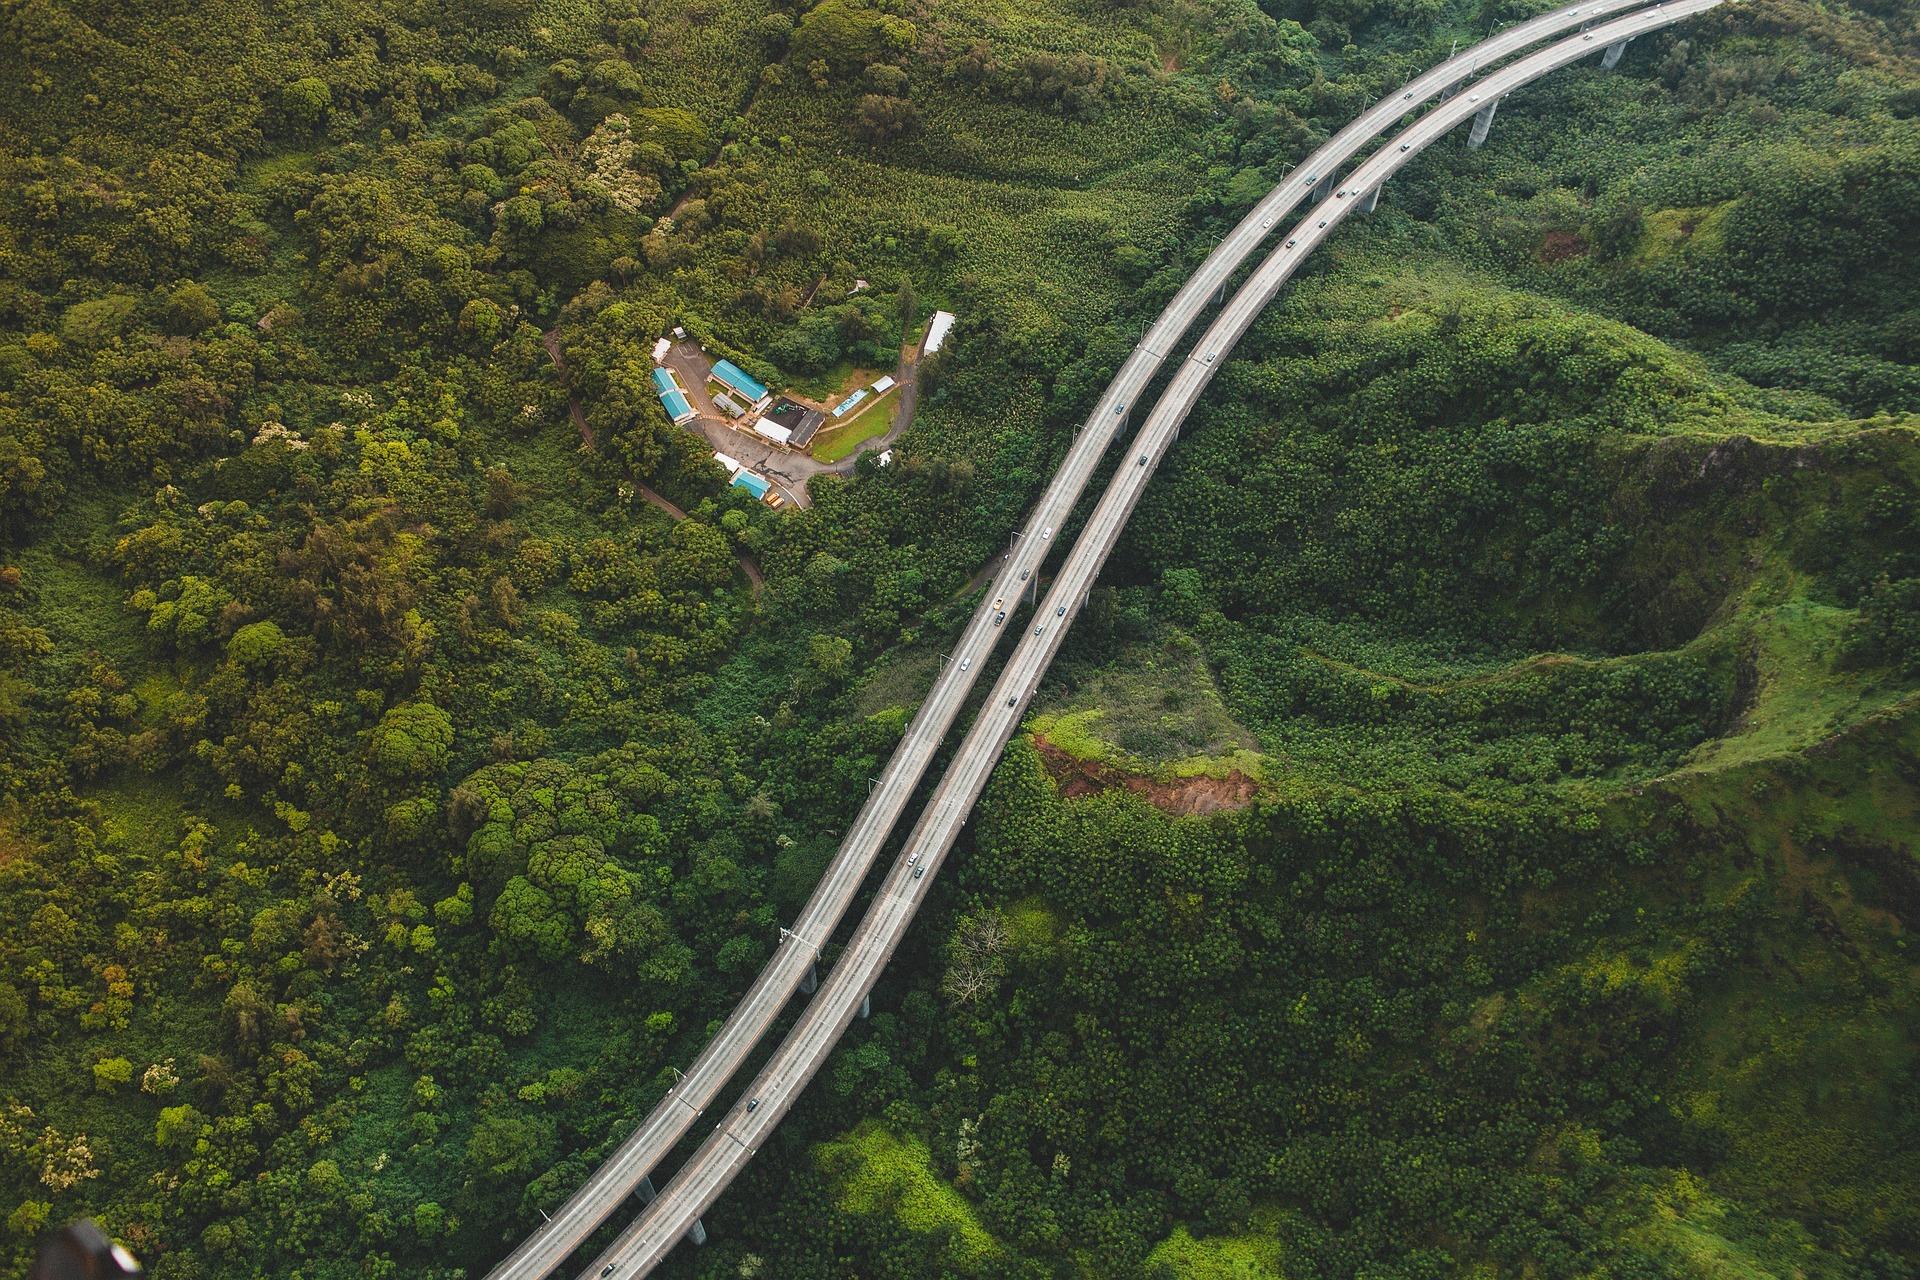 aerial-view-1209164_1920.jpg